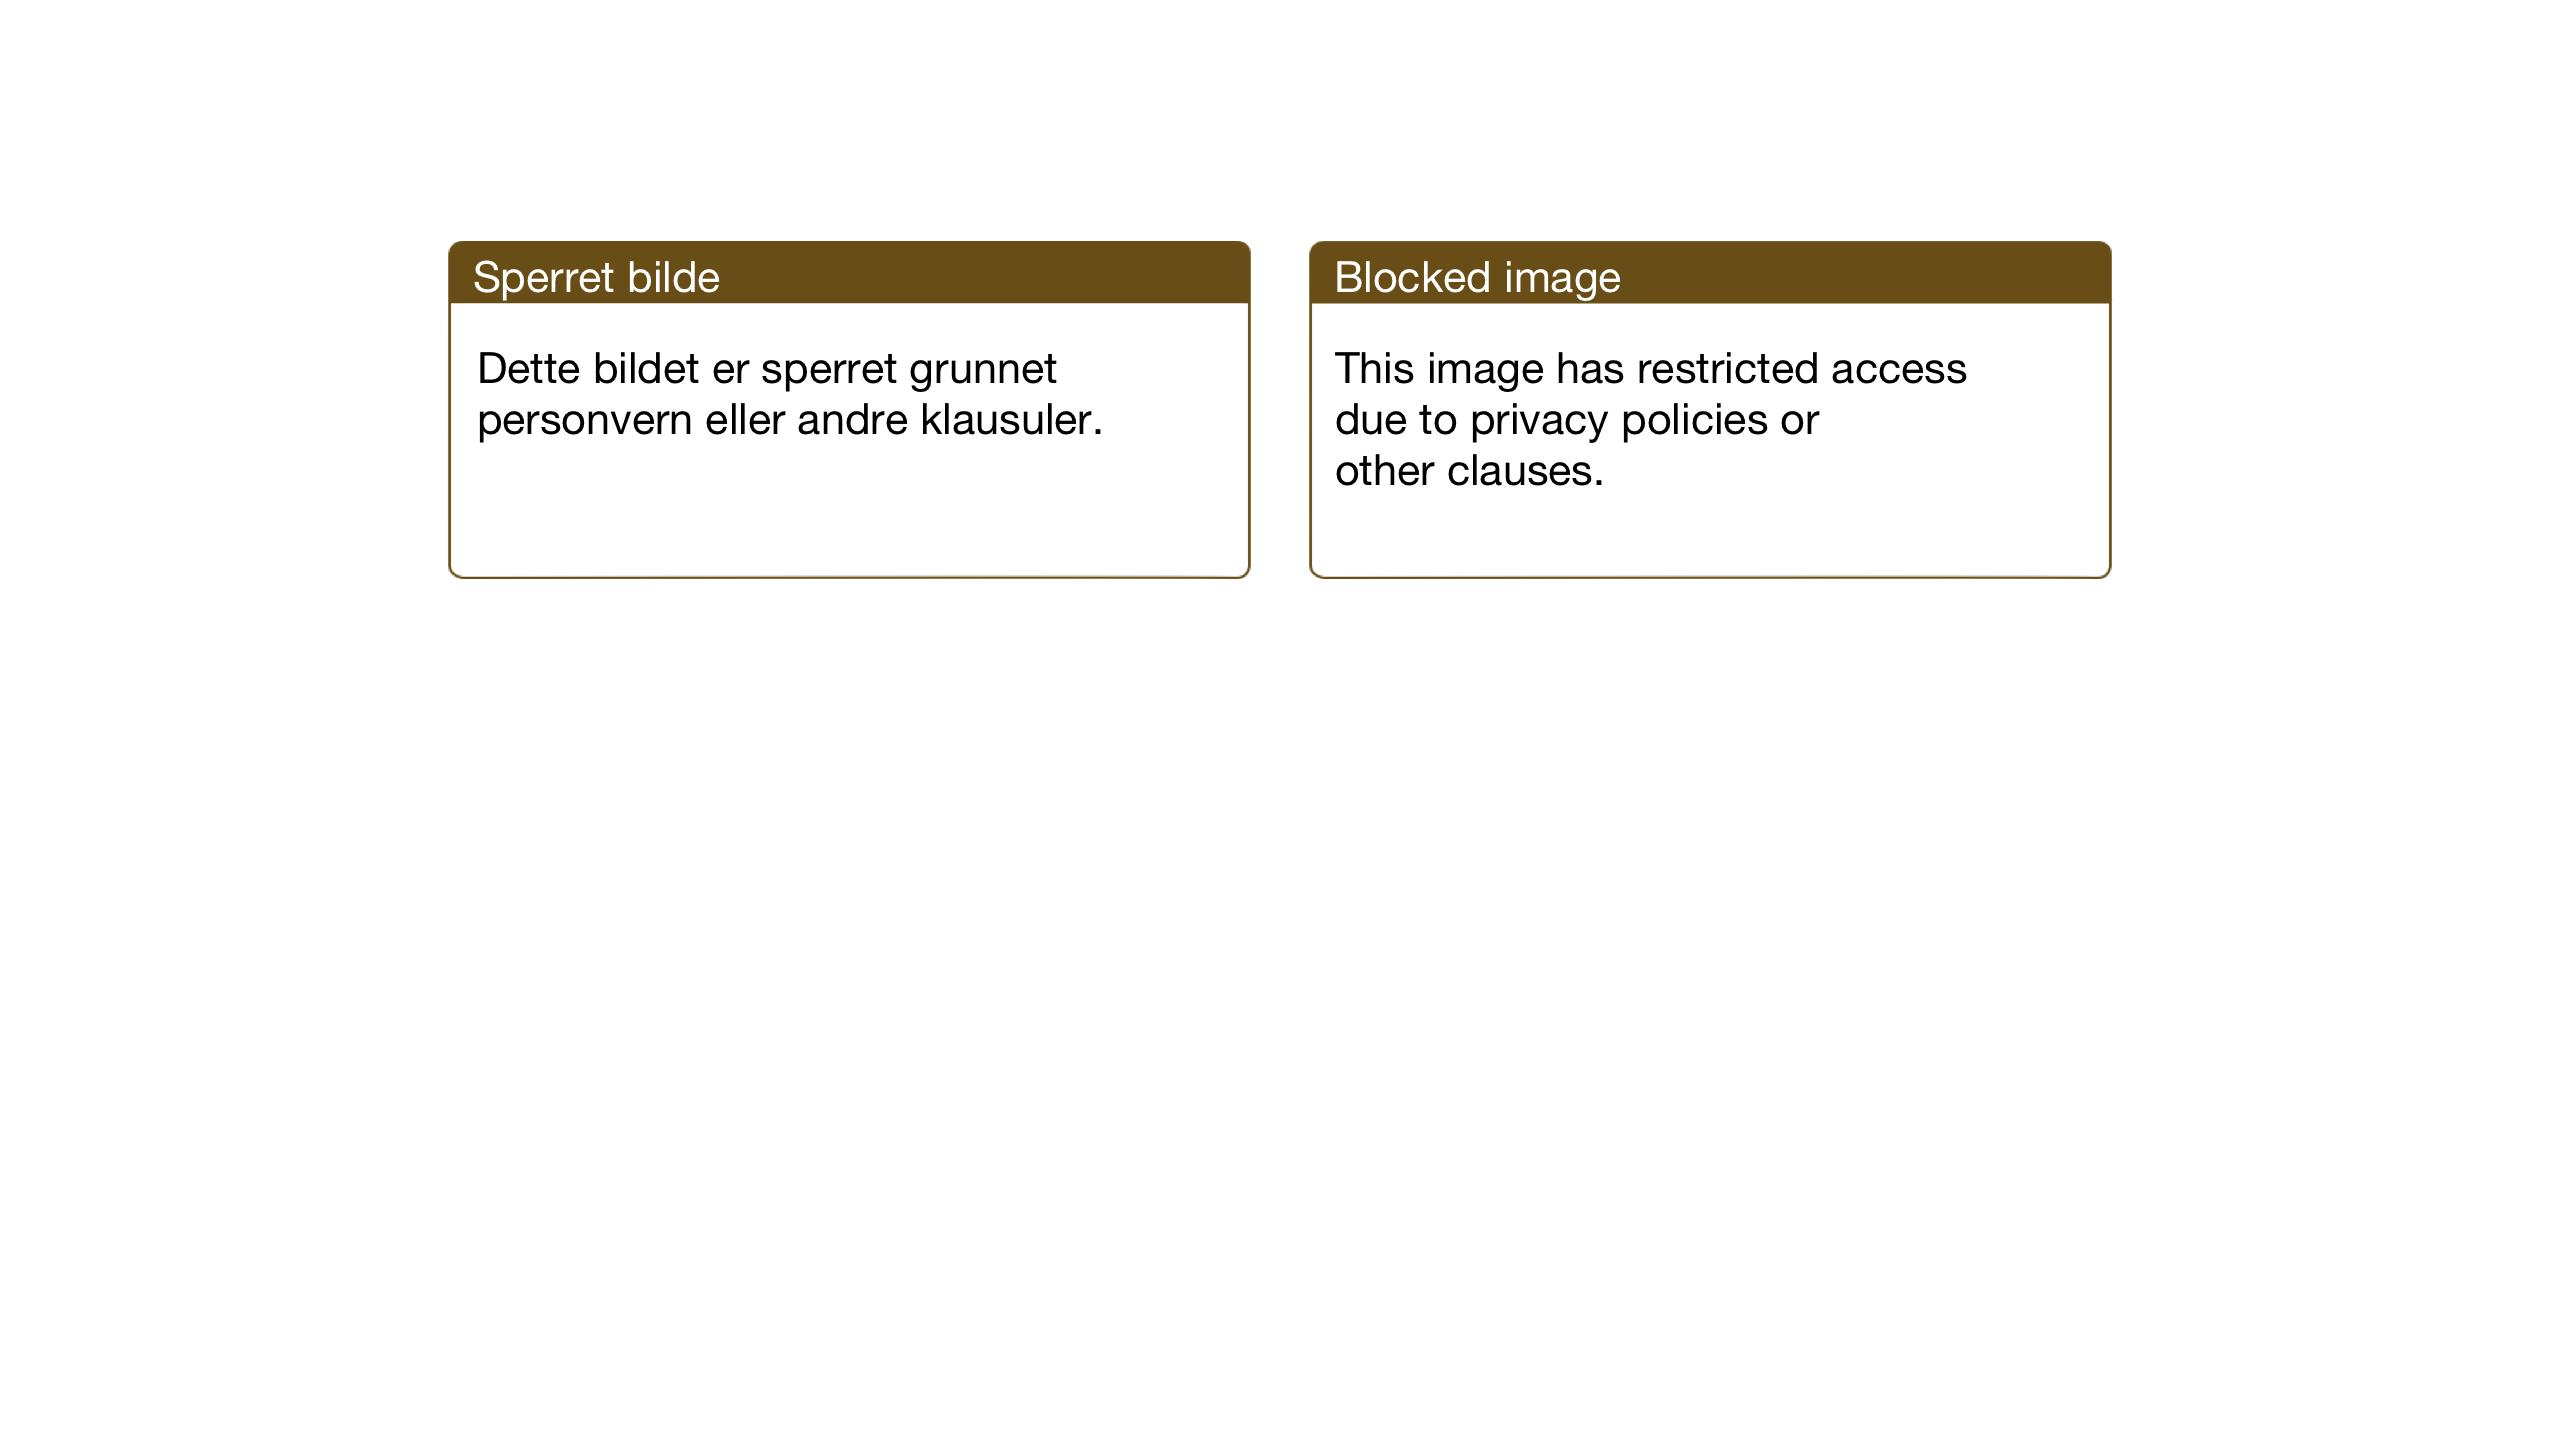 SAT, Ministerialprotokoller, klokkerbøker og fødselsregistre - Sør-Trøndelag, 637/L0564: Klokkerbok nr. 637C05, 1928-1968, s. 119